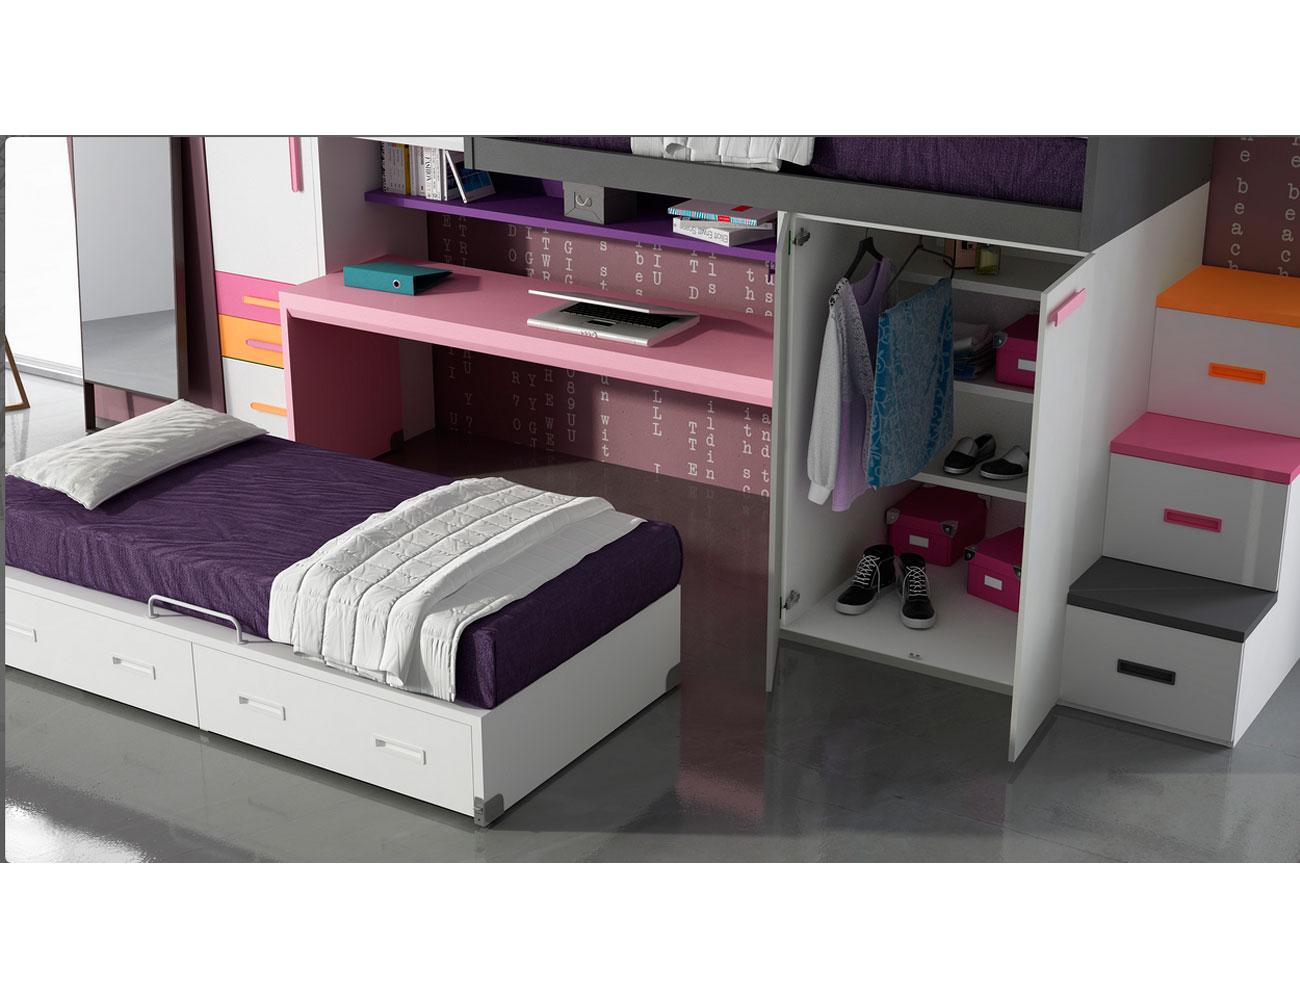 Dormitorio juvenil tren con nido y cama superior con armario 13273 factory del mueble utrera - Factory del mueble utrera ...